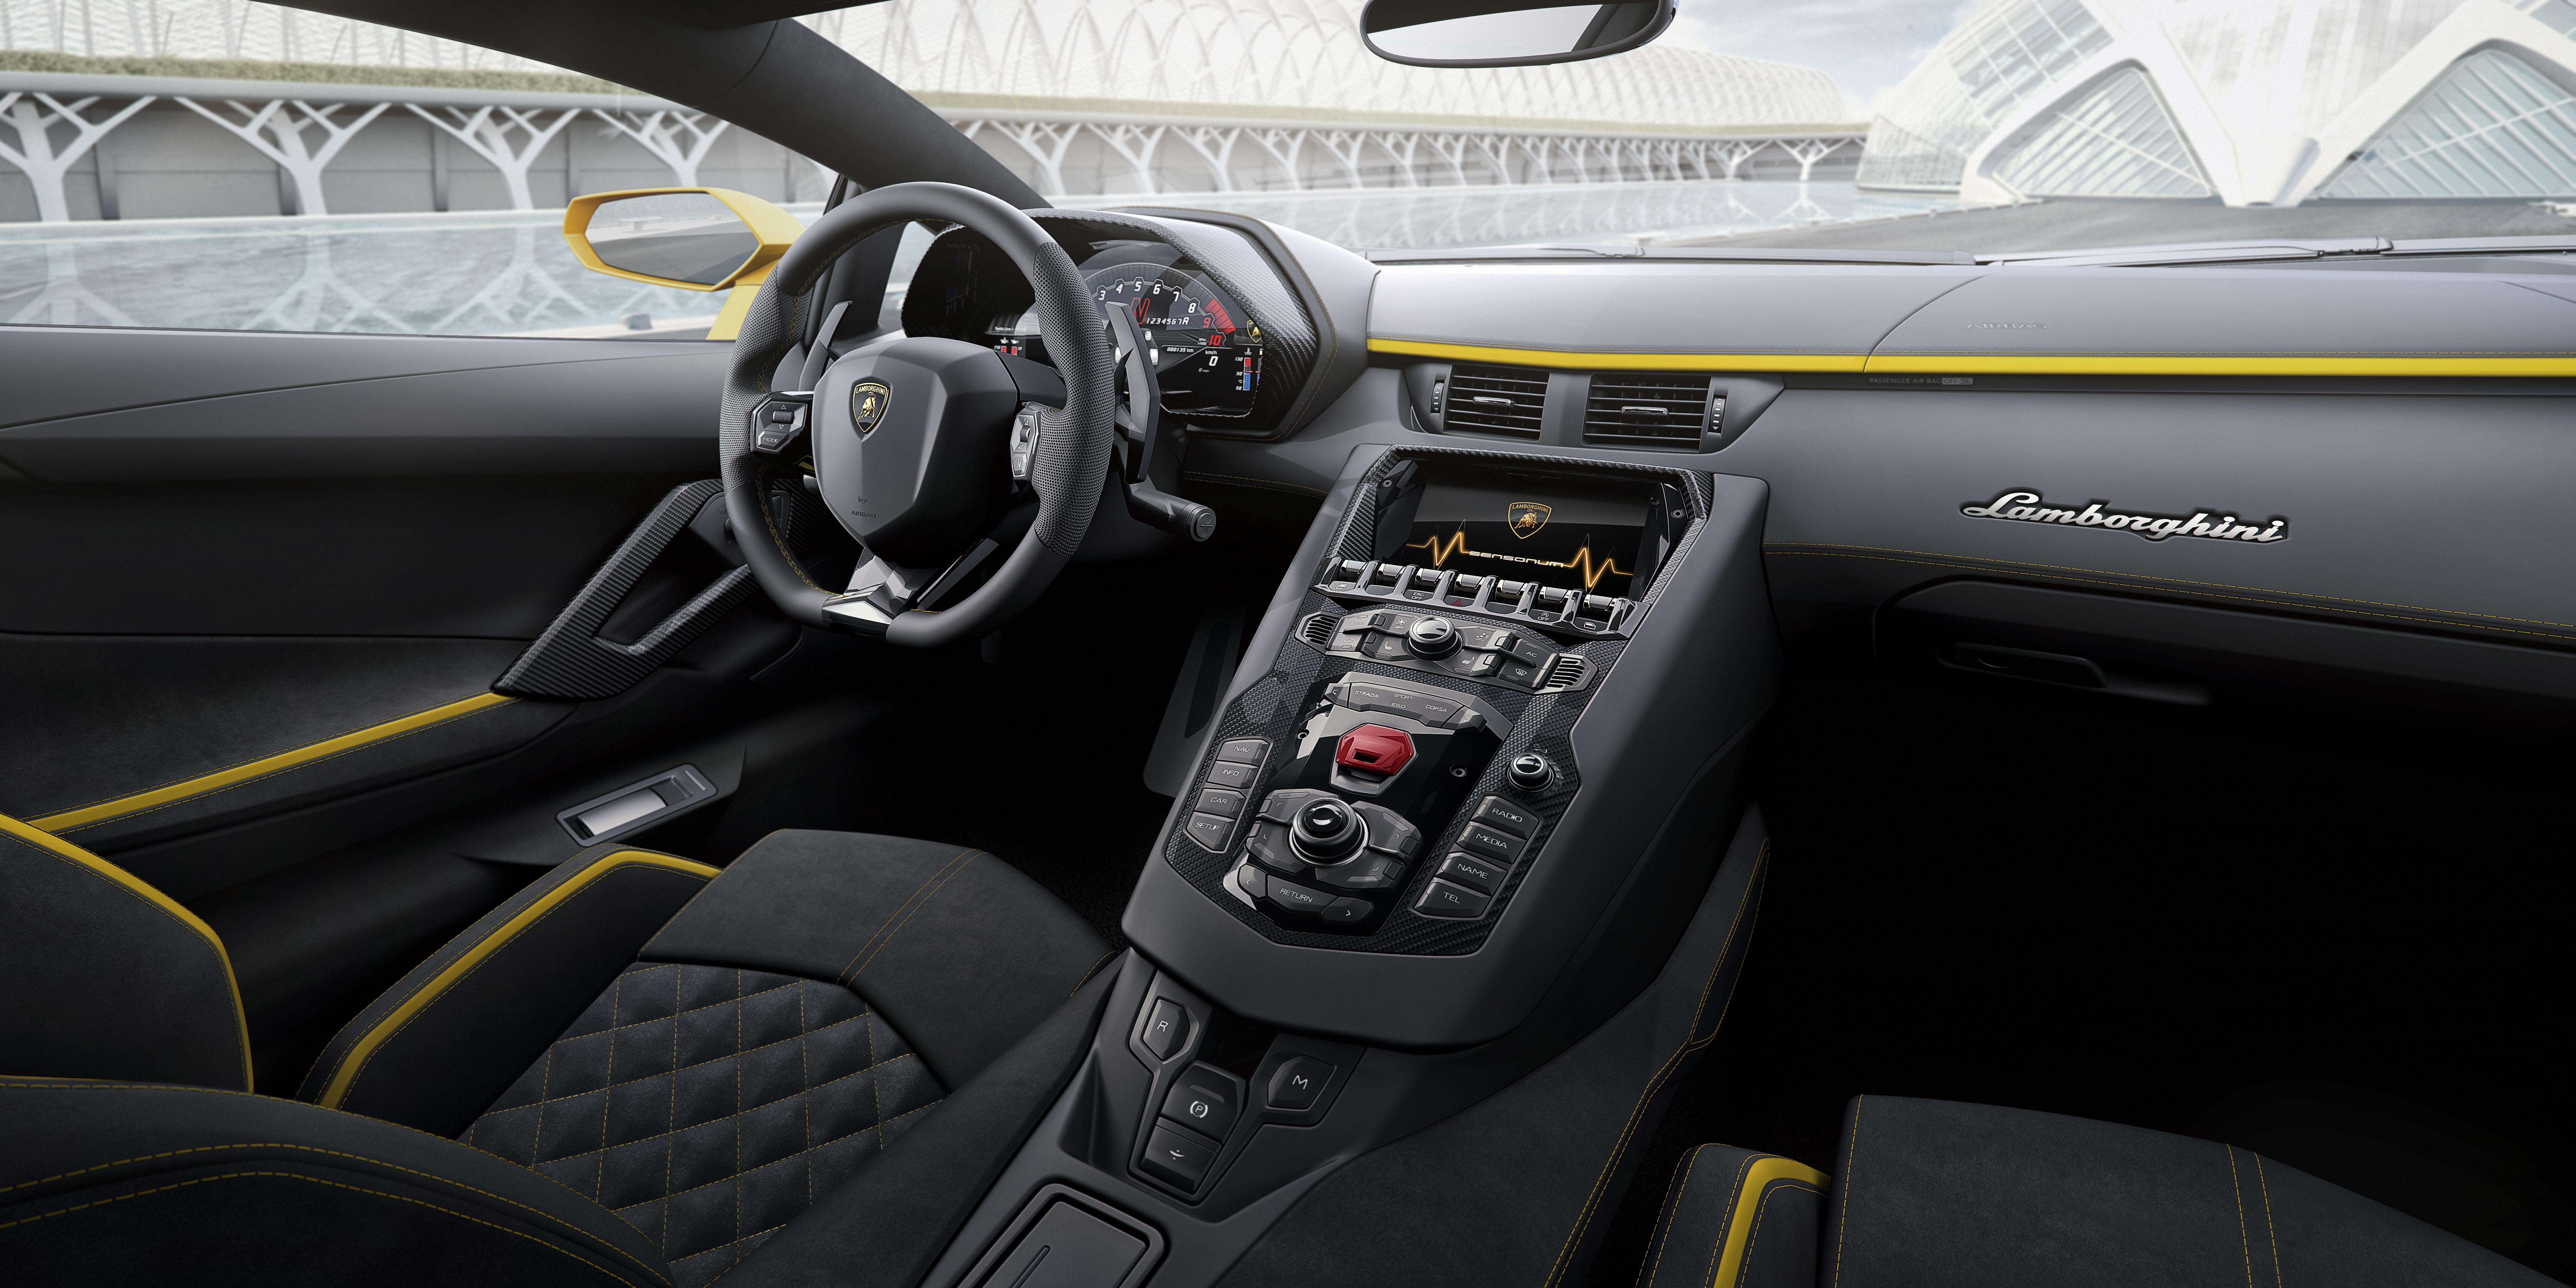 2017 Lamborghini Aventador S Interior 8k